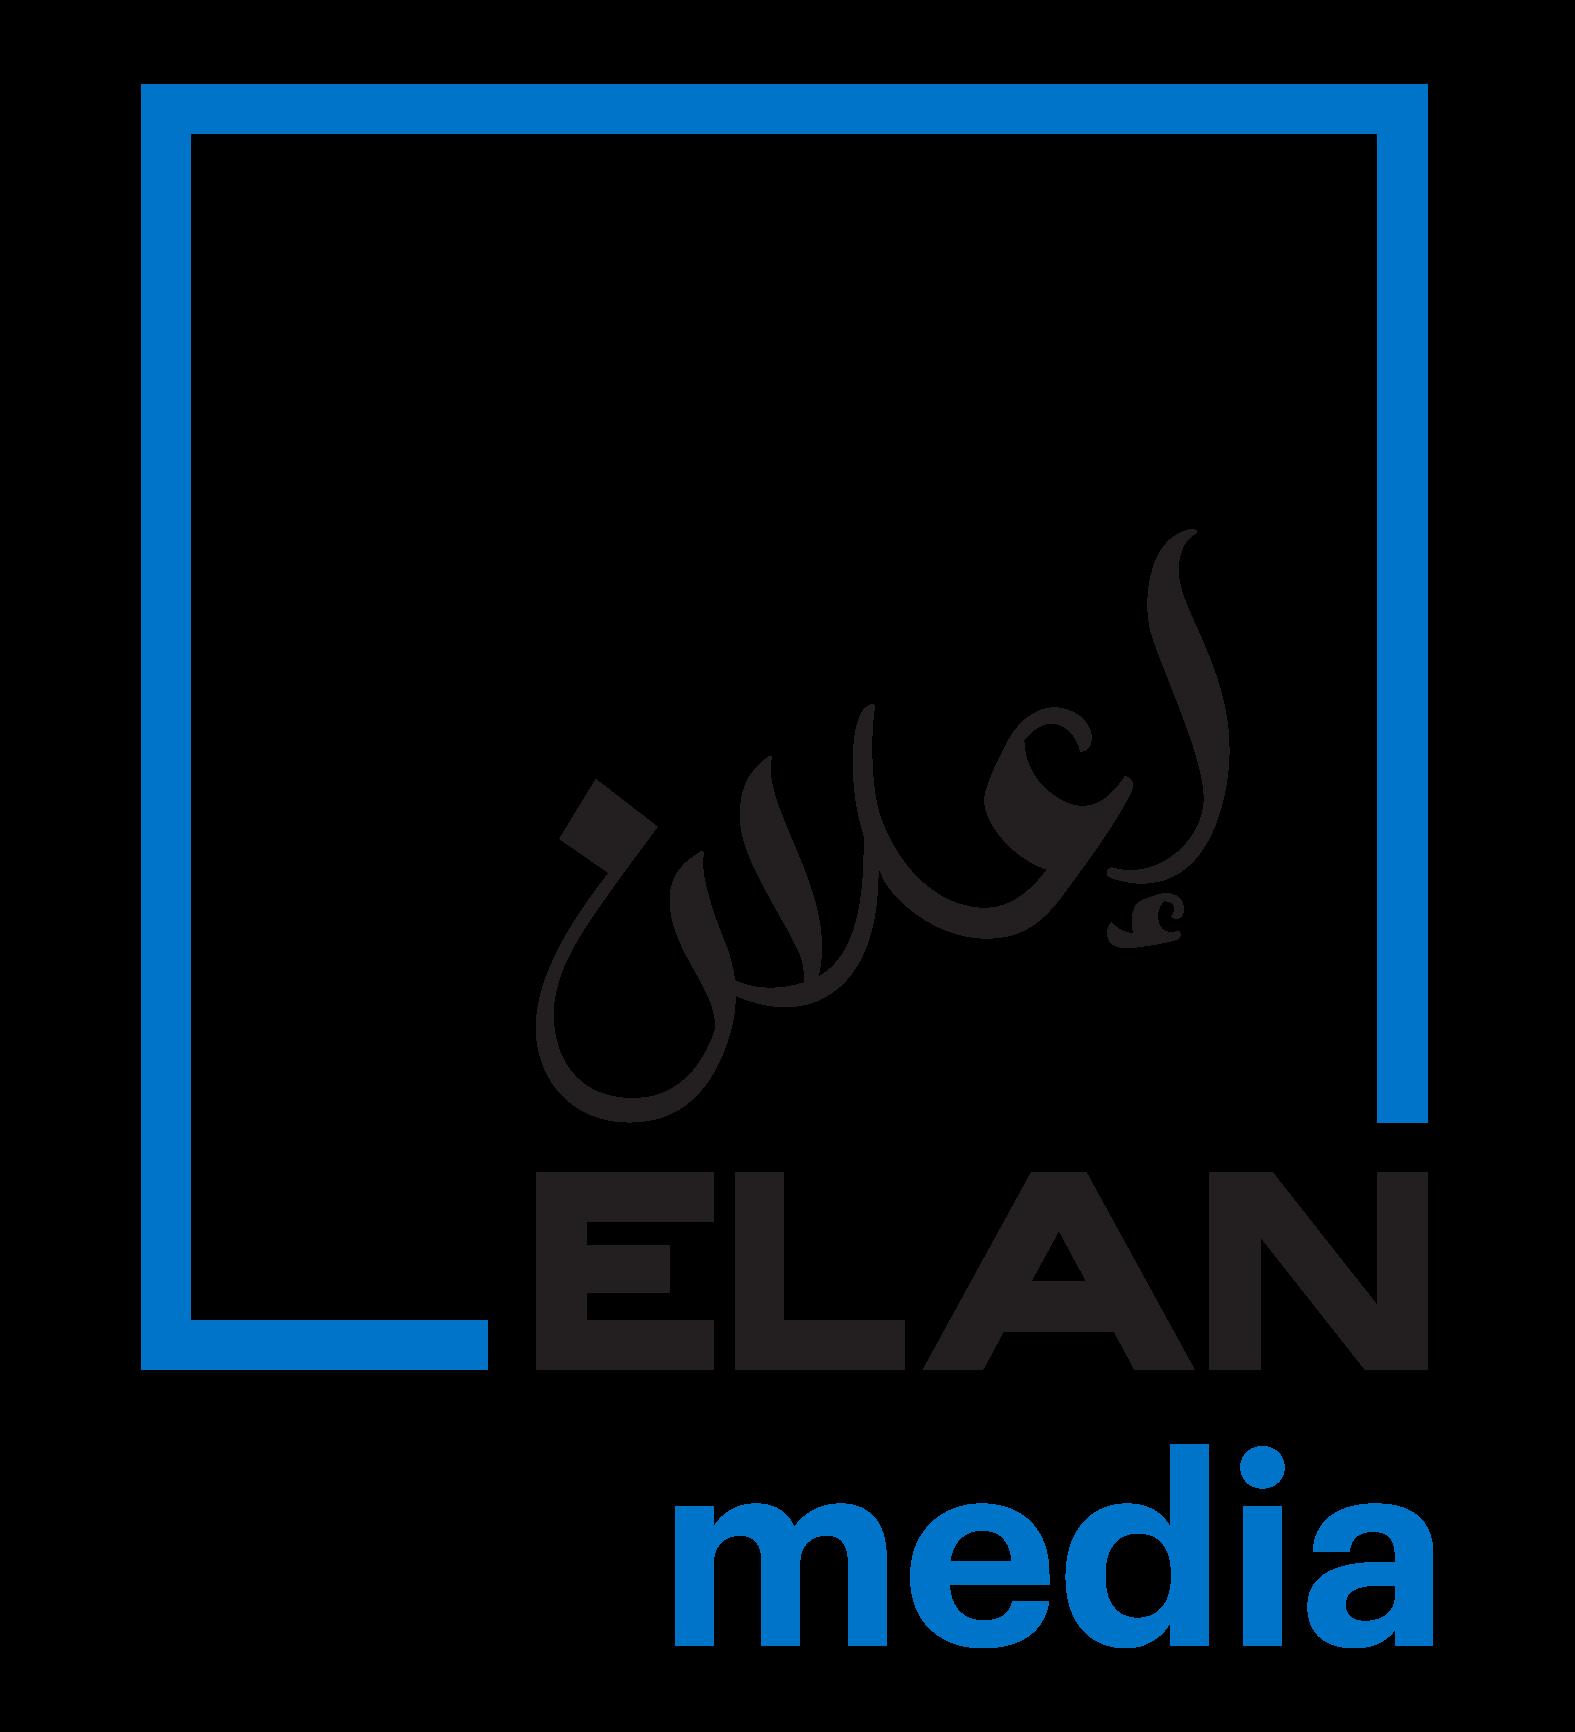 ELAN Media